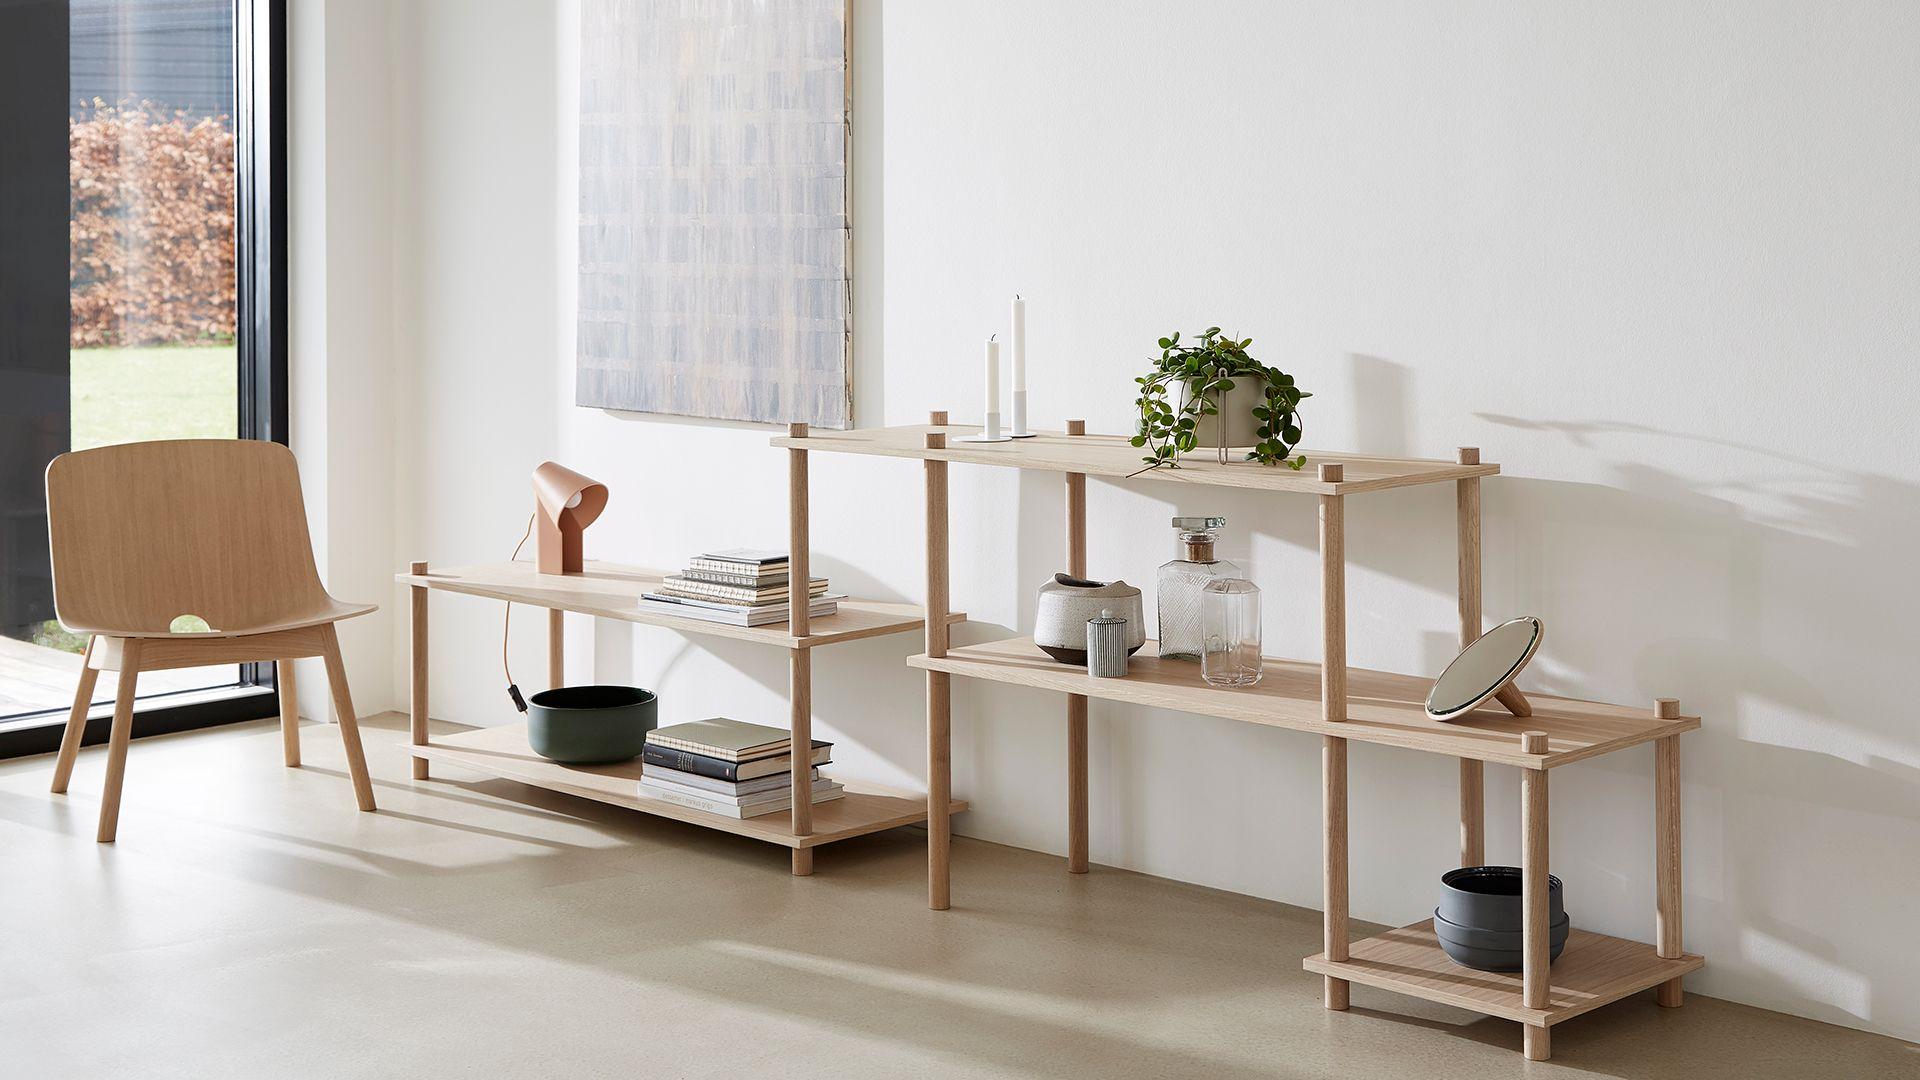 3c30bb401 6 Ideas para decorar espacios pequeños y que parezcan amplios ...